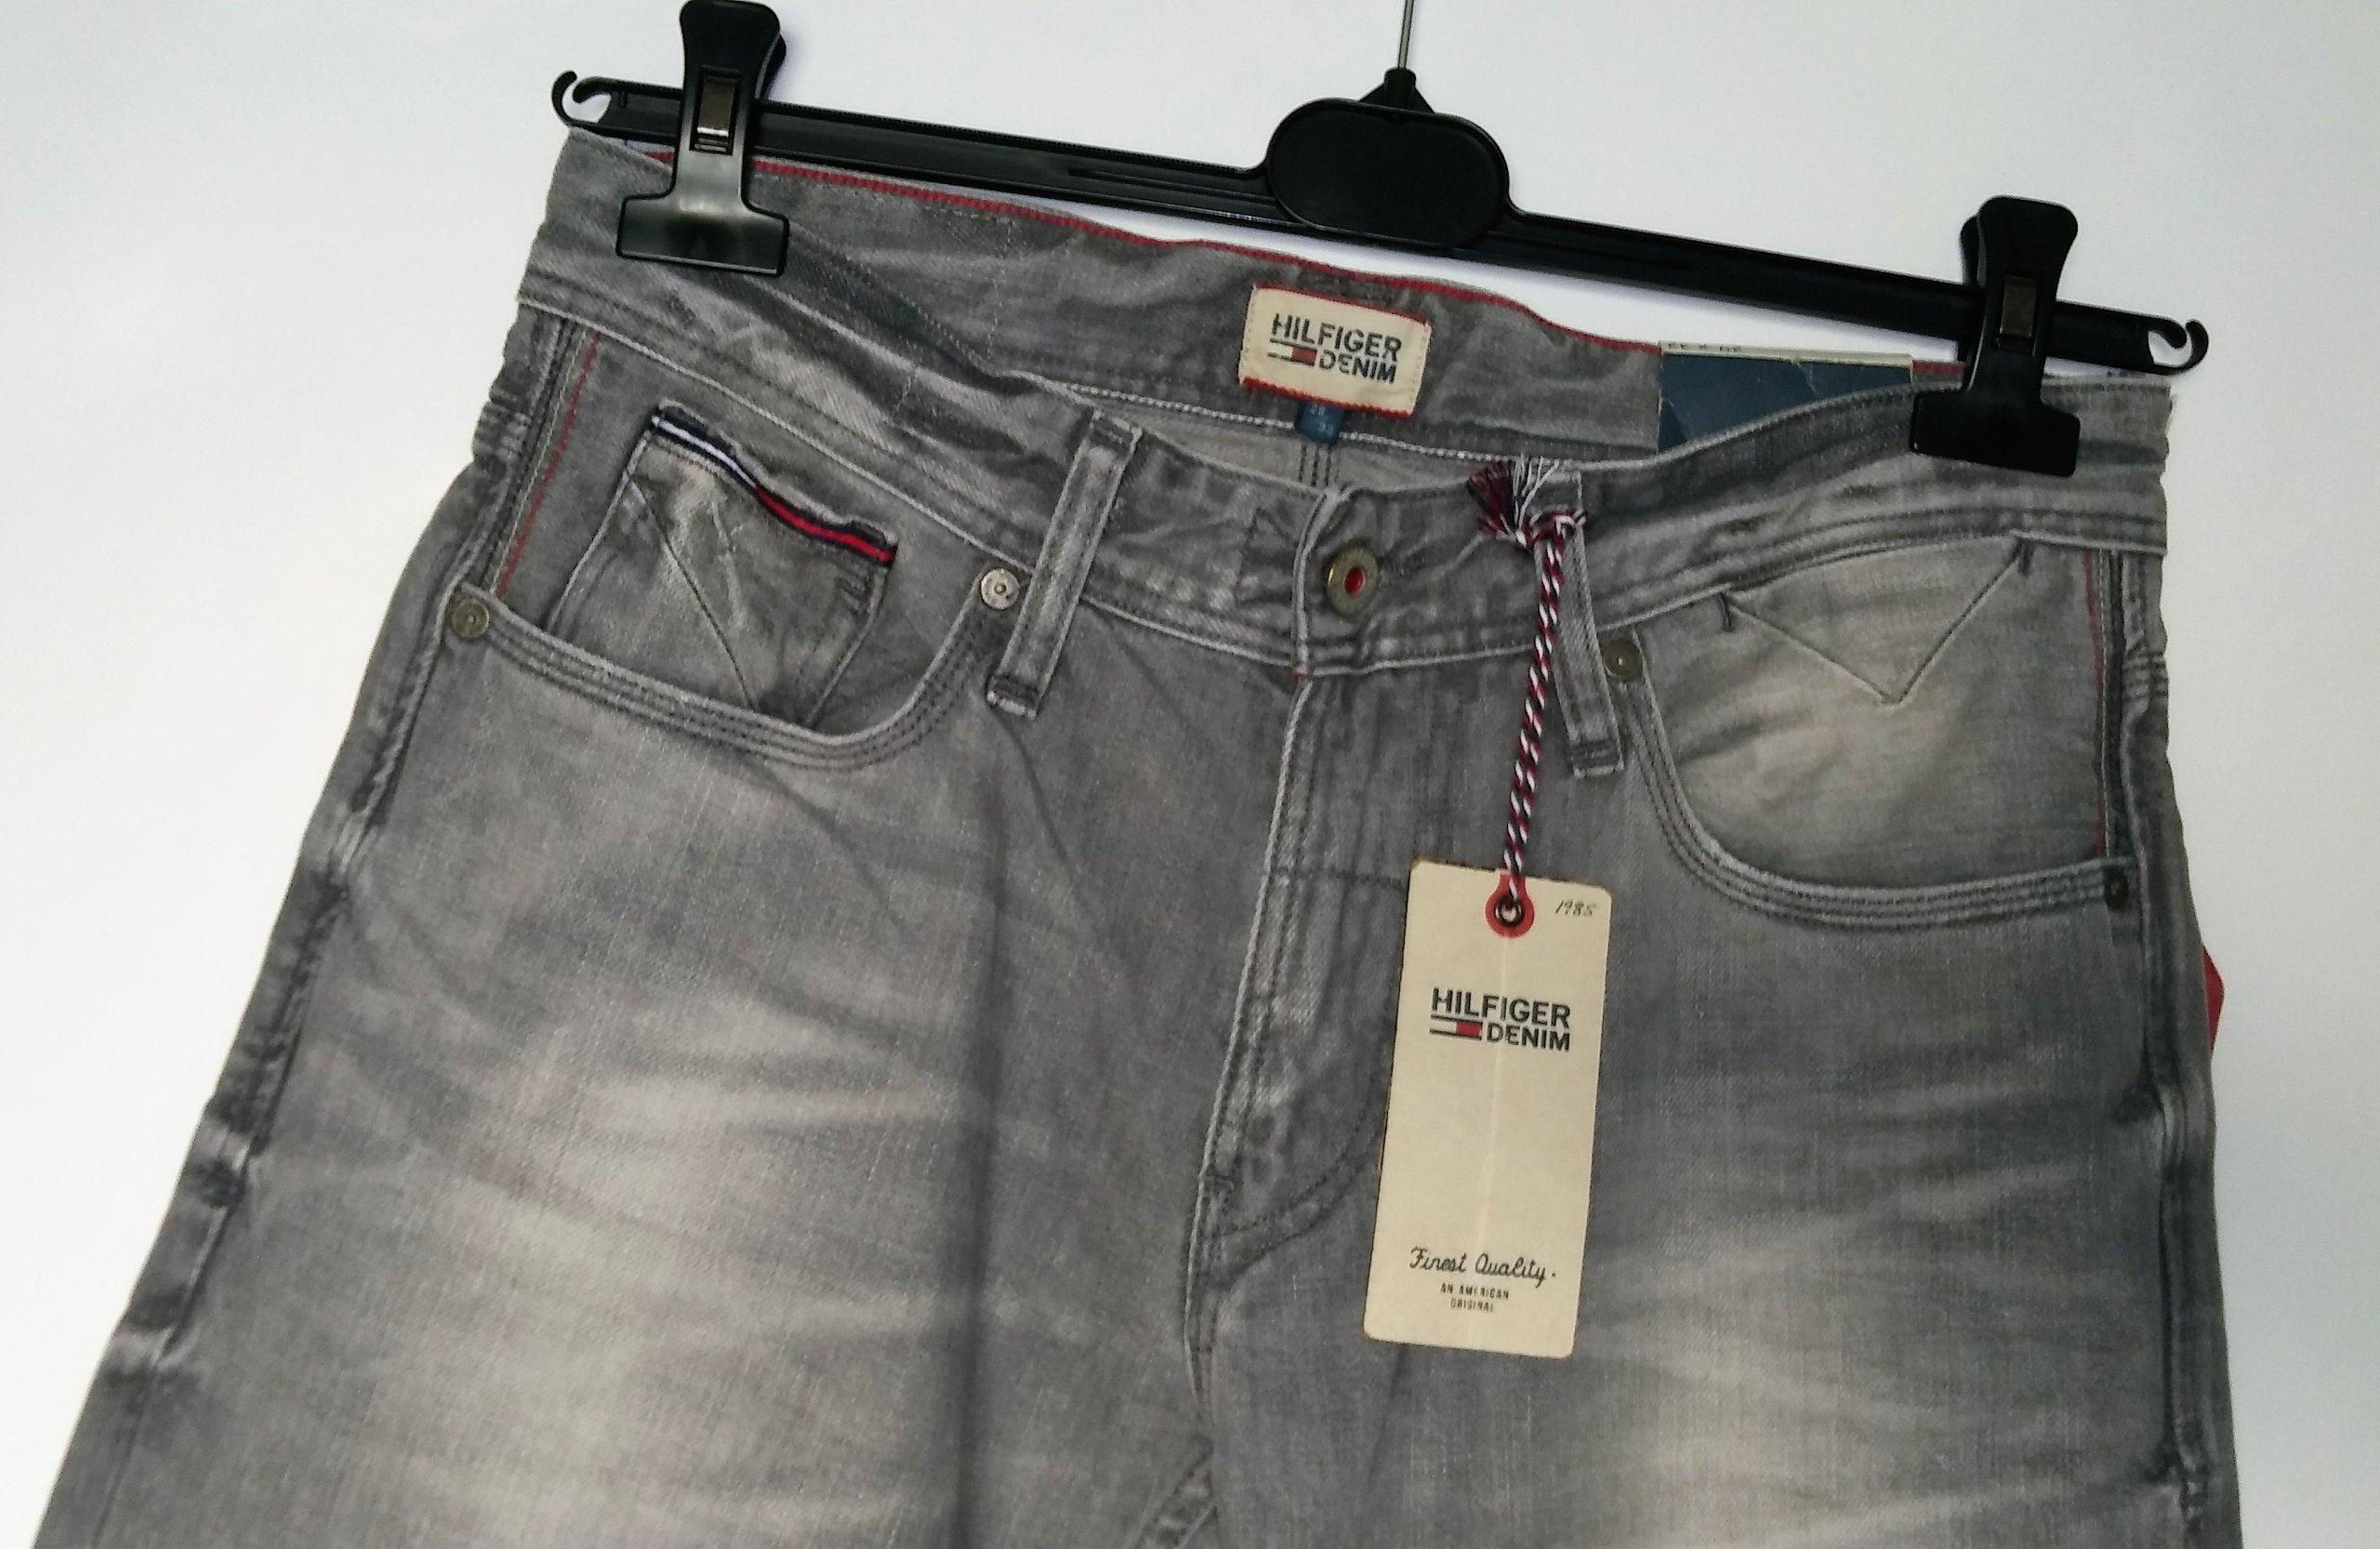 adb9251342d4c Spodnie jeans męskie Tommy Hilfiger 29 32 SALE!!! - 7107284941 ...